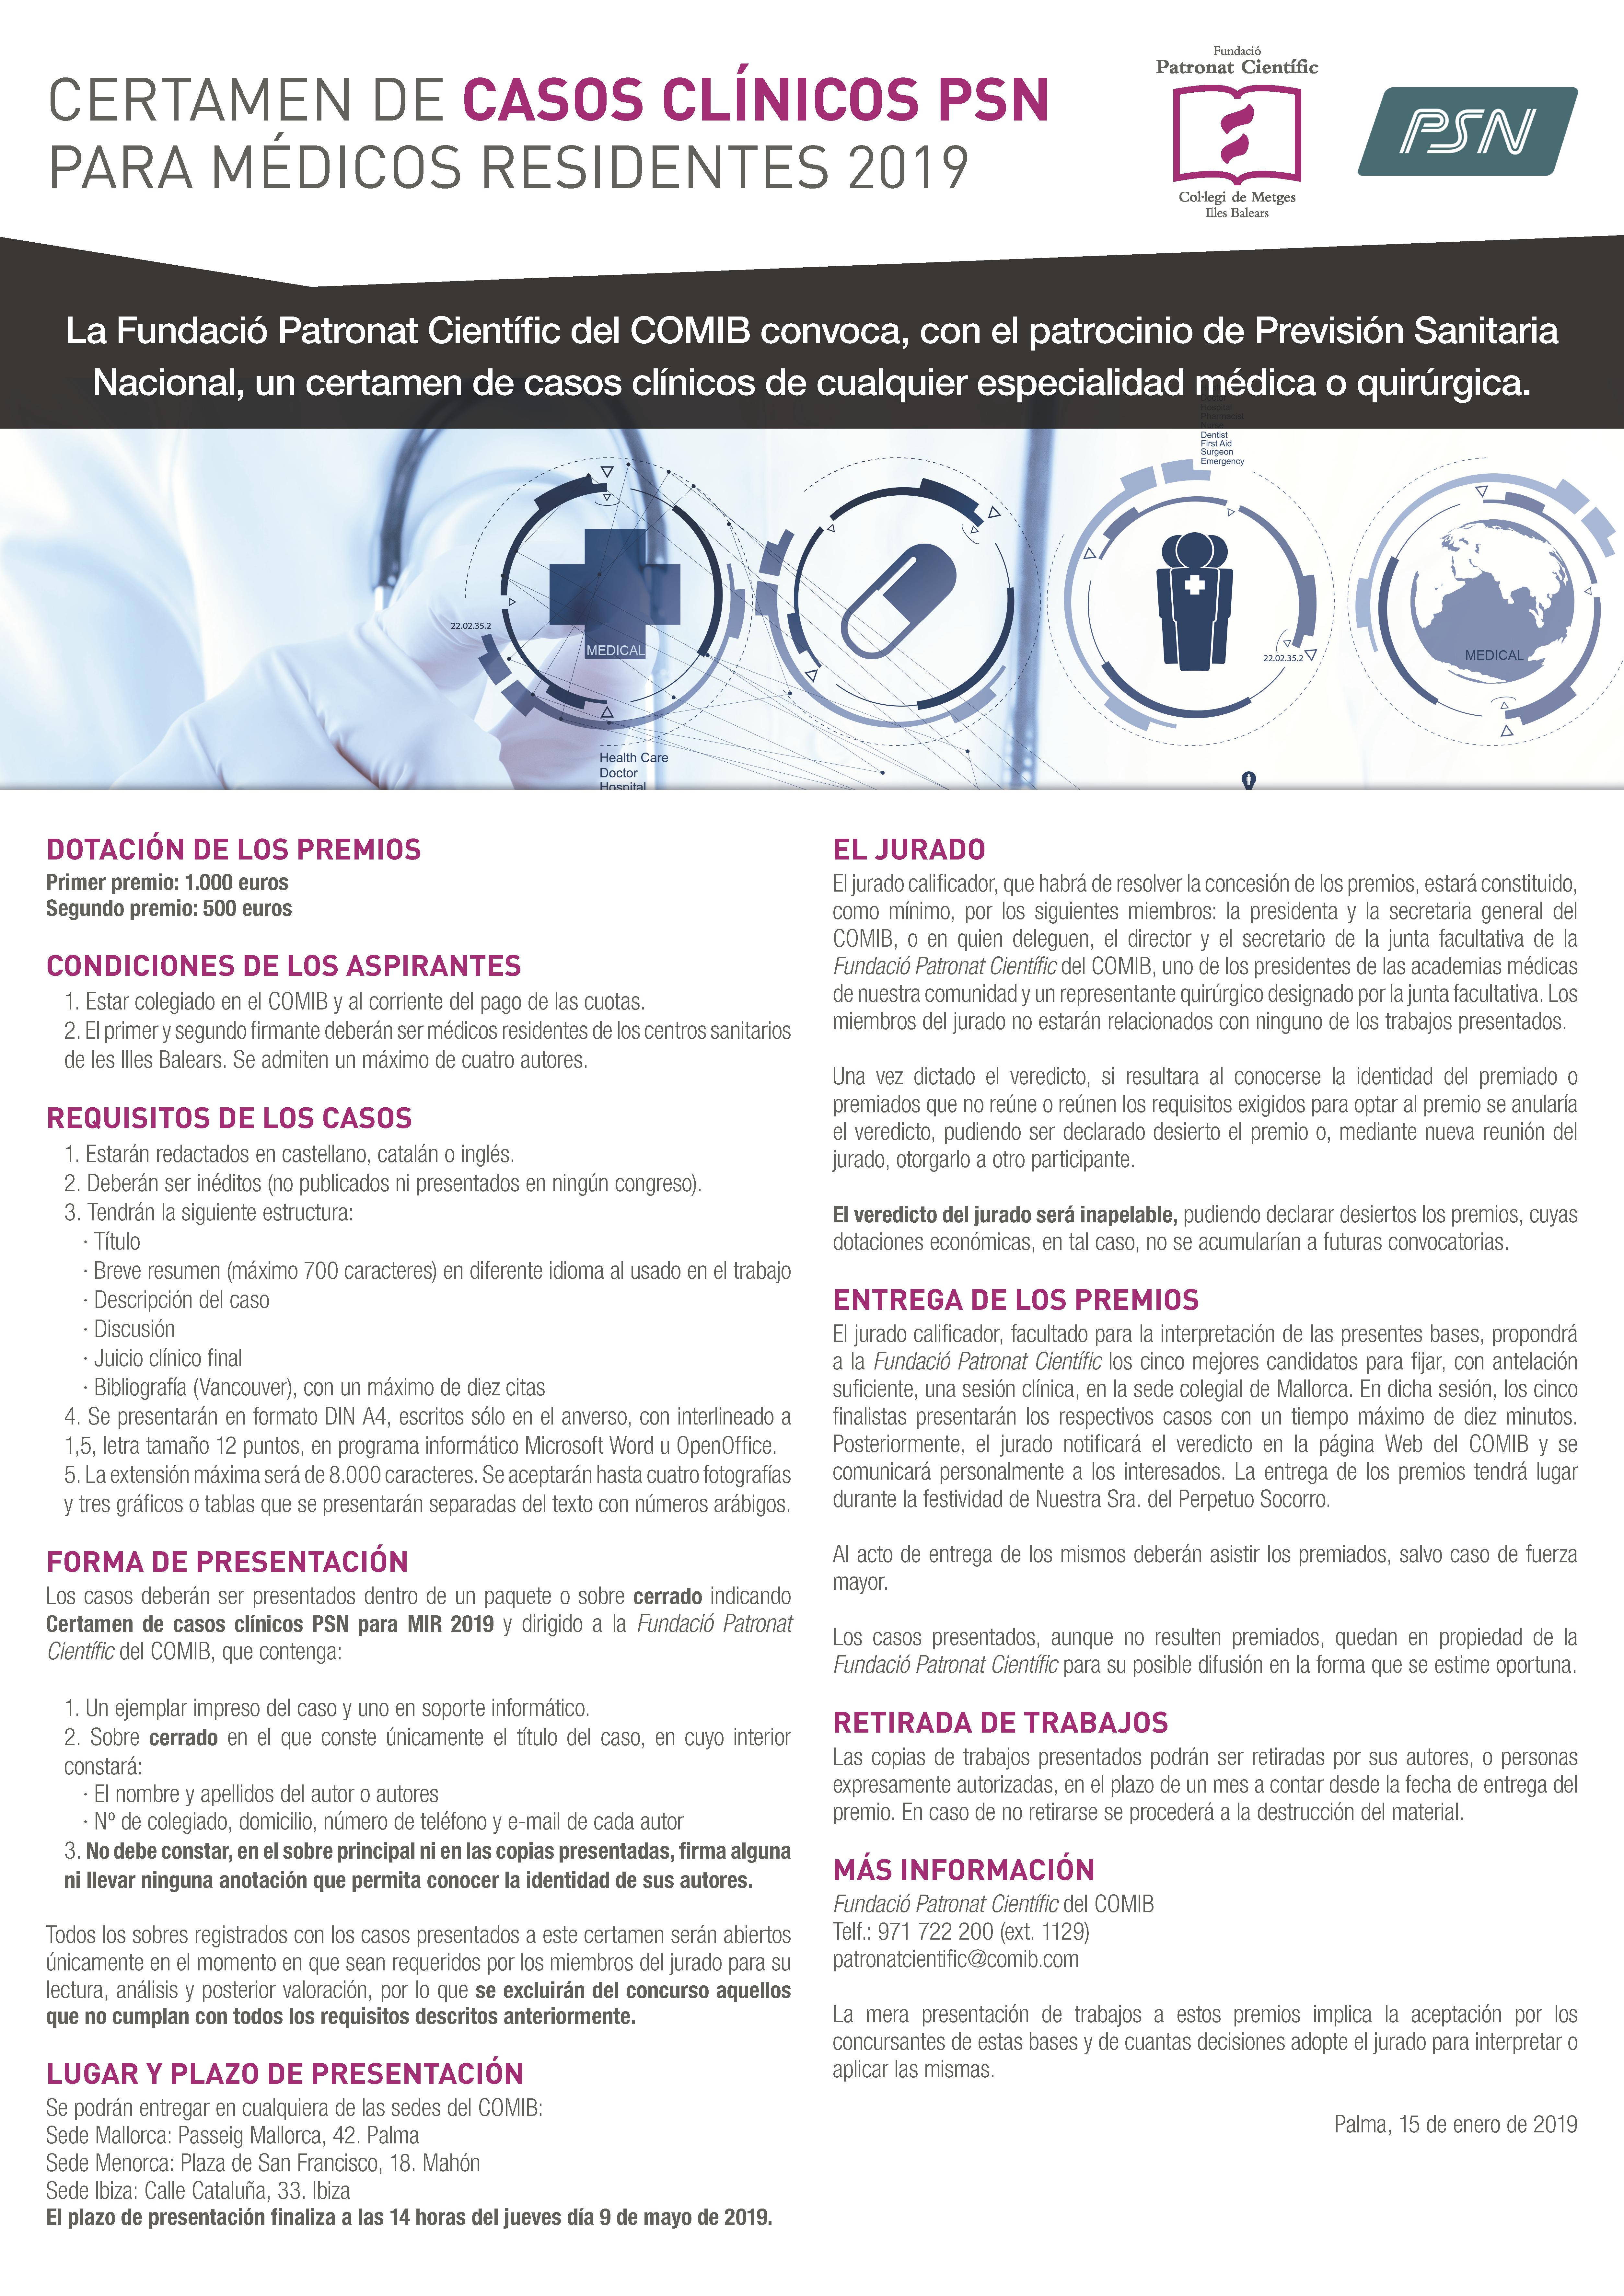 Convocatoria Certamen de casos clinicos PSN 2019